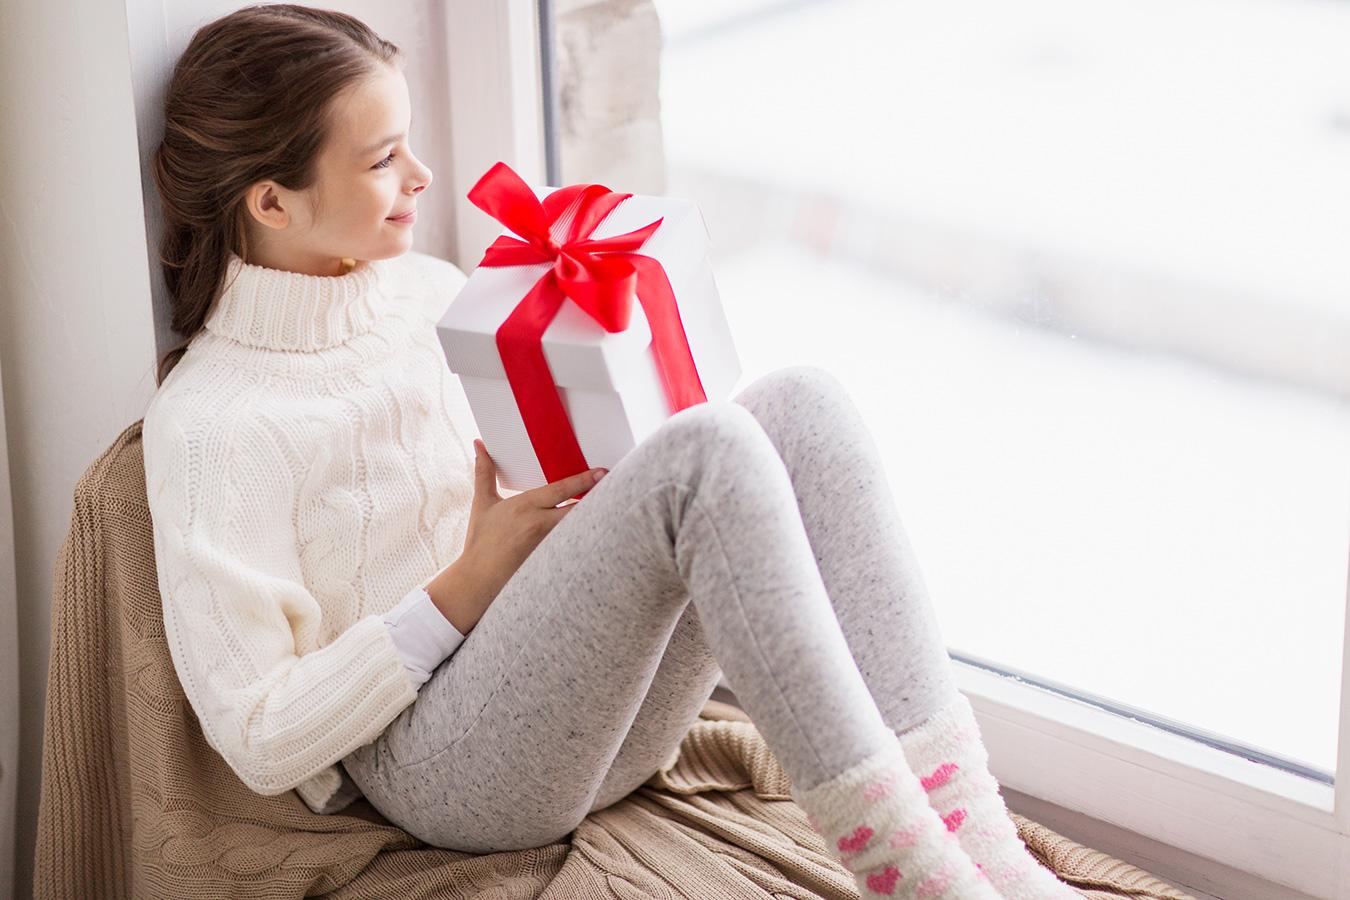 Pomysły na prezent dla 10-latki na urodziny, dzień dziecka lub pod choinkę